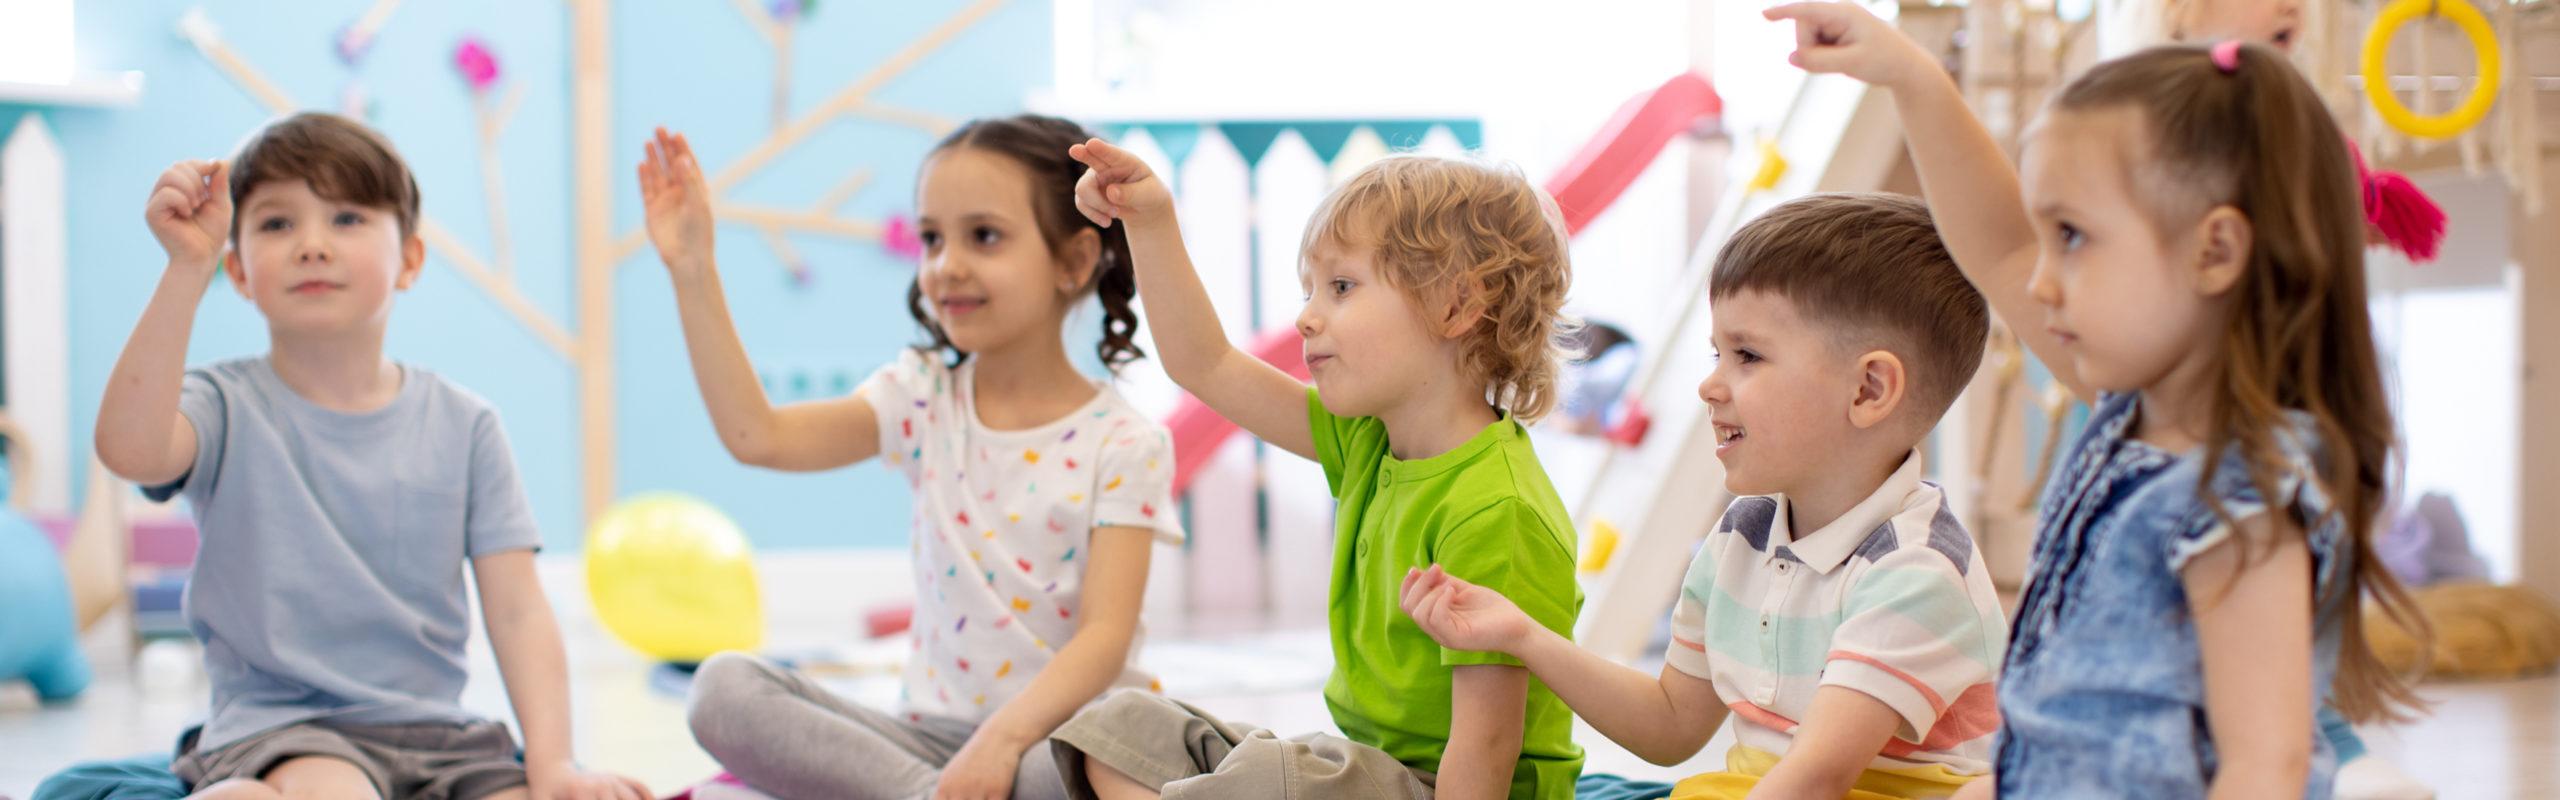 Grupa dzieci na<strong>zajęciach logopedycznych</strong> zarteterapii